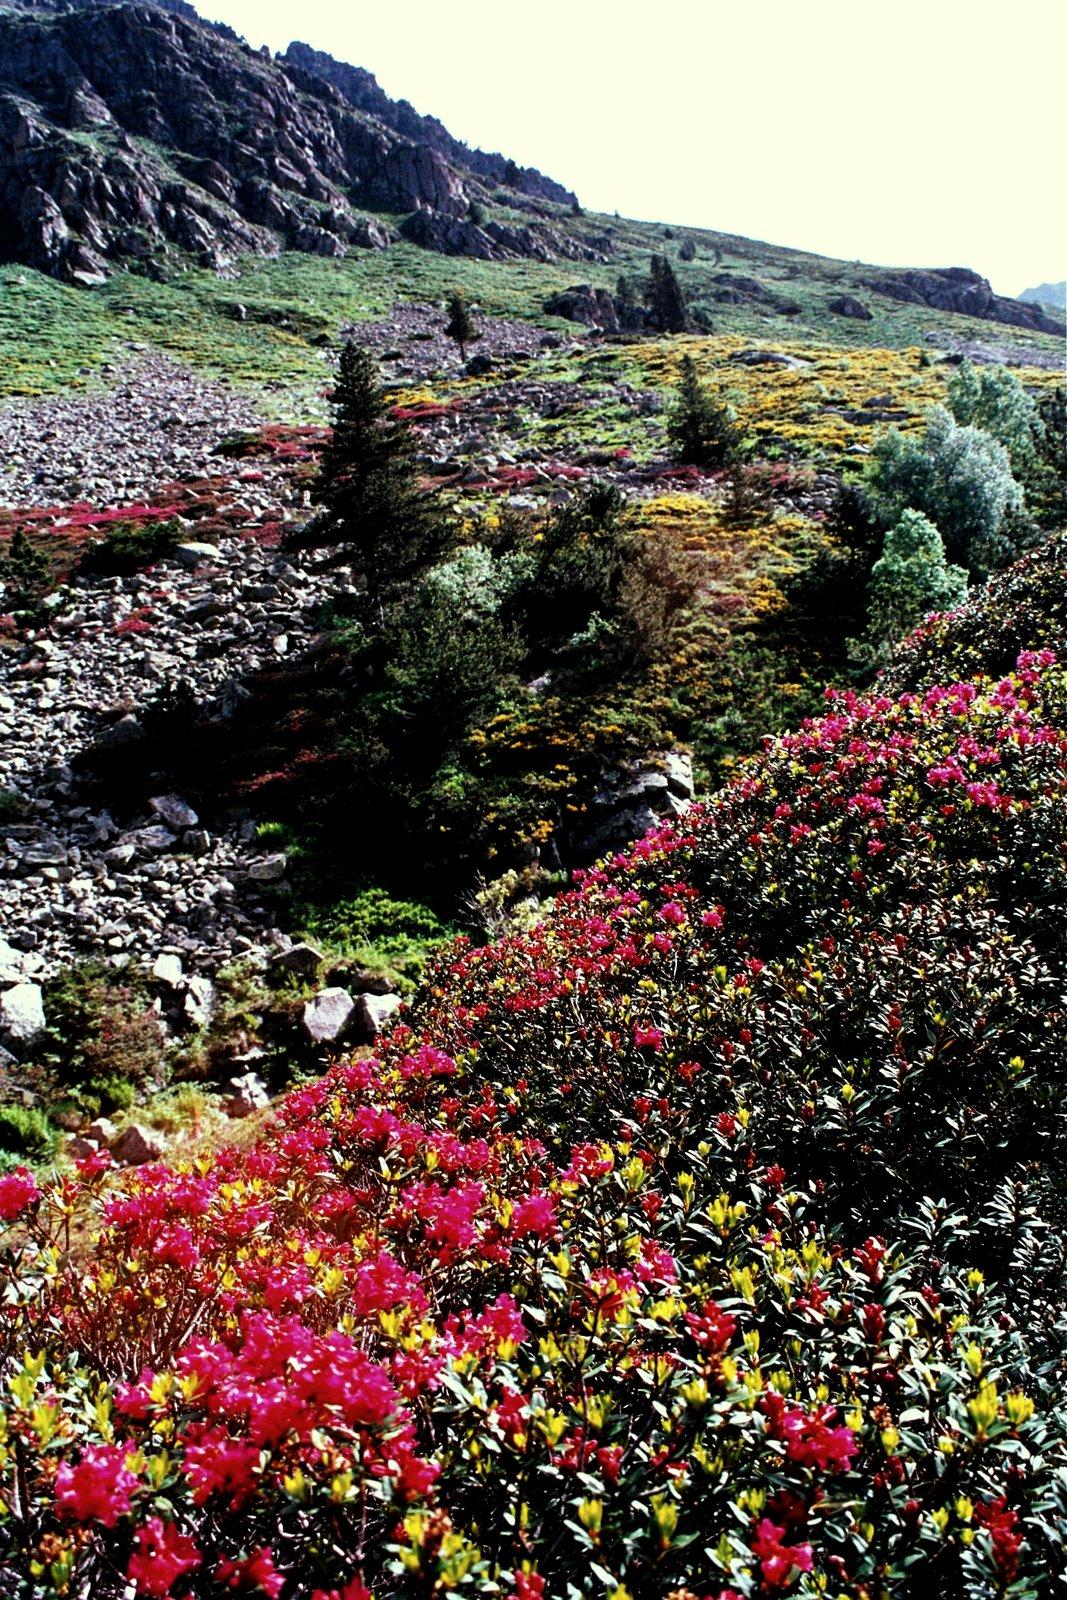 rododendrony powyżej Merens le Valls w drodze do Besiness, połowa czerwca